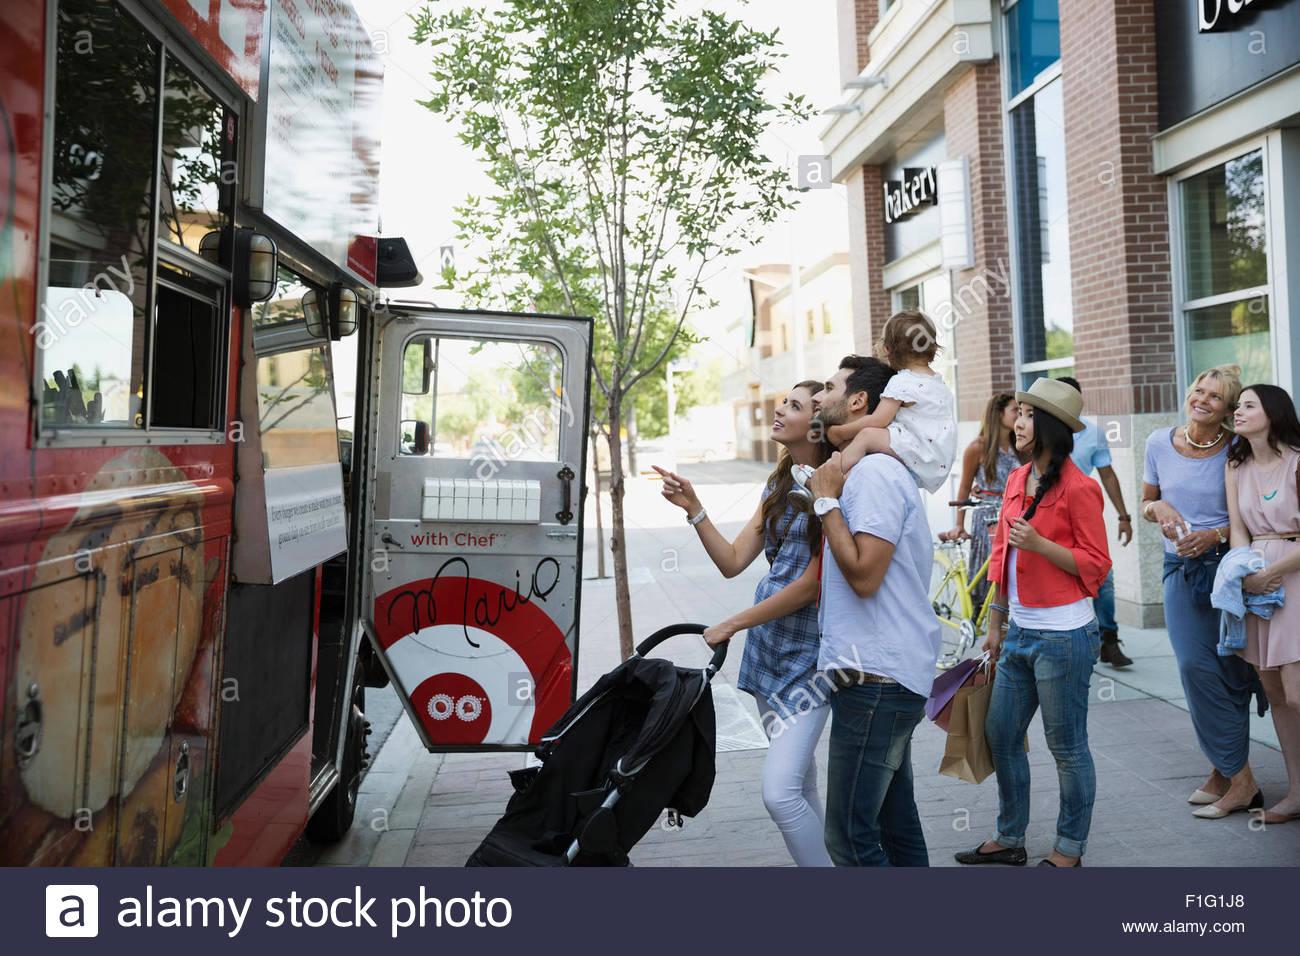 I clienti al di fuori del cibo carrello sul marciapiede Foto Stock